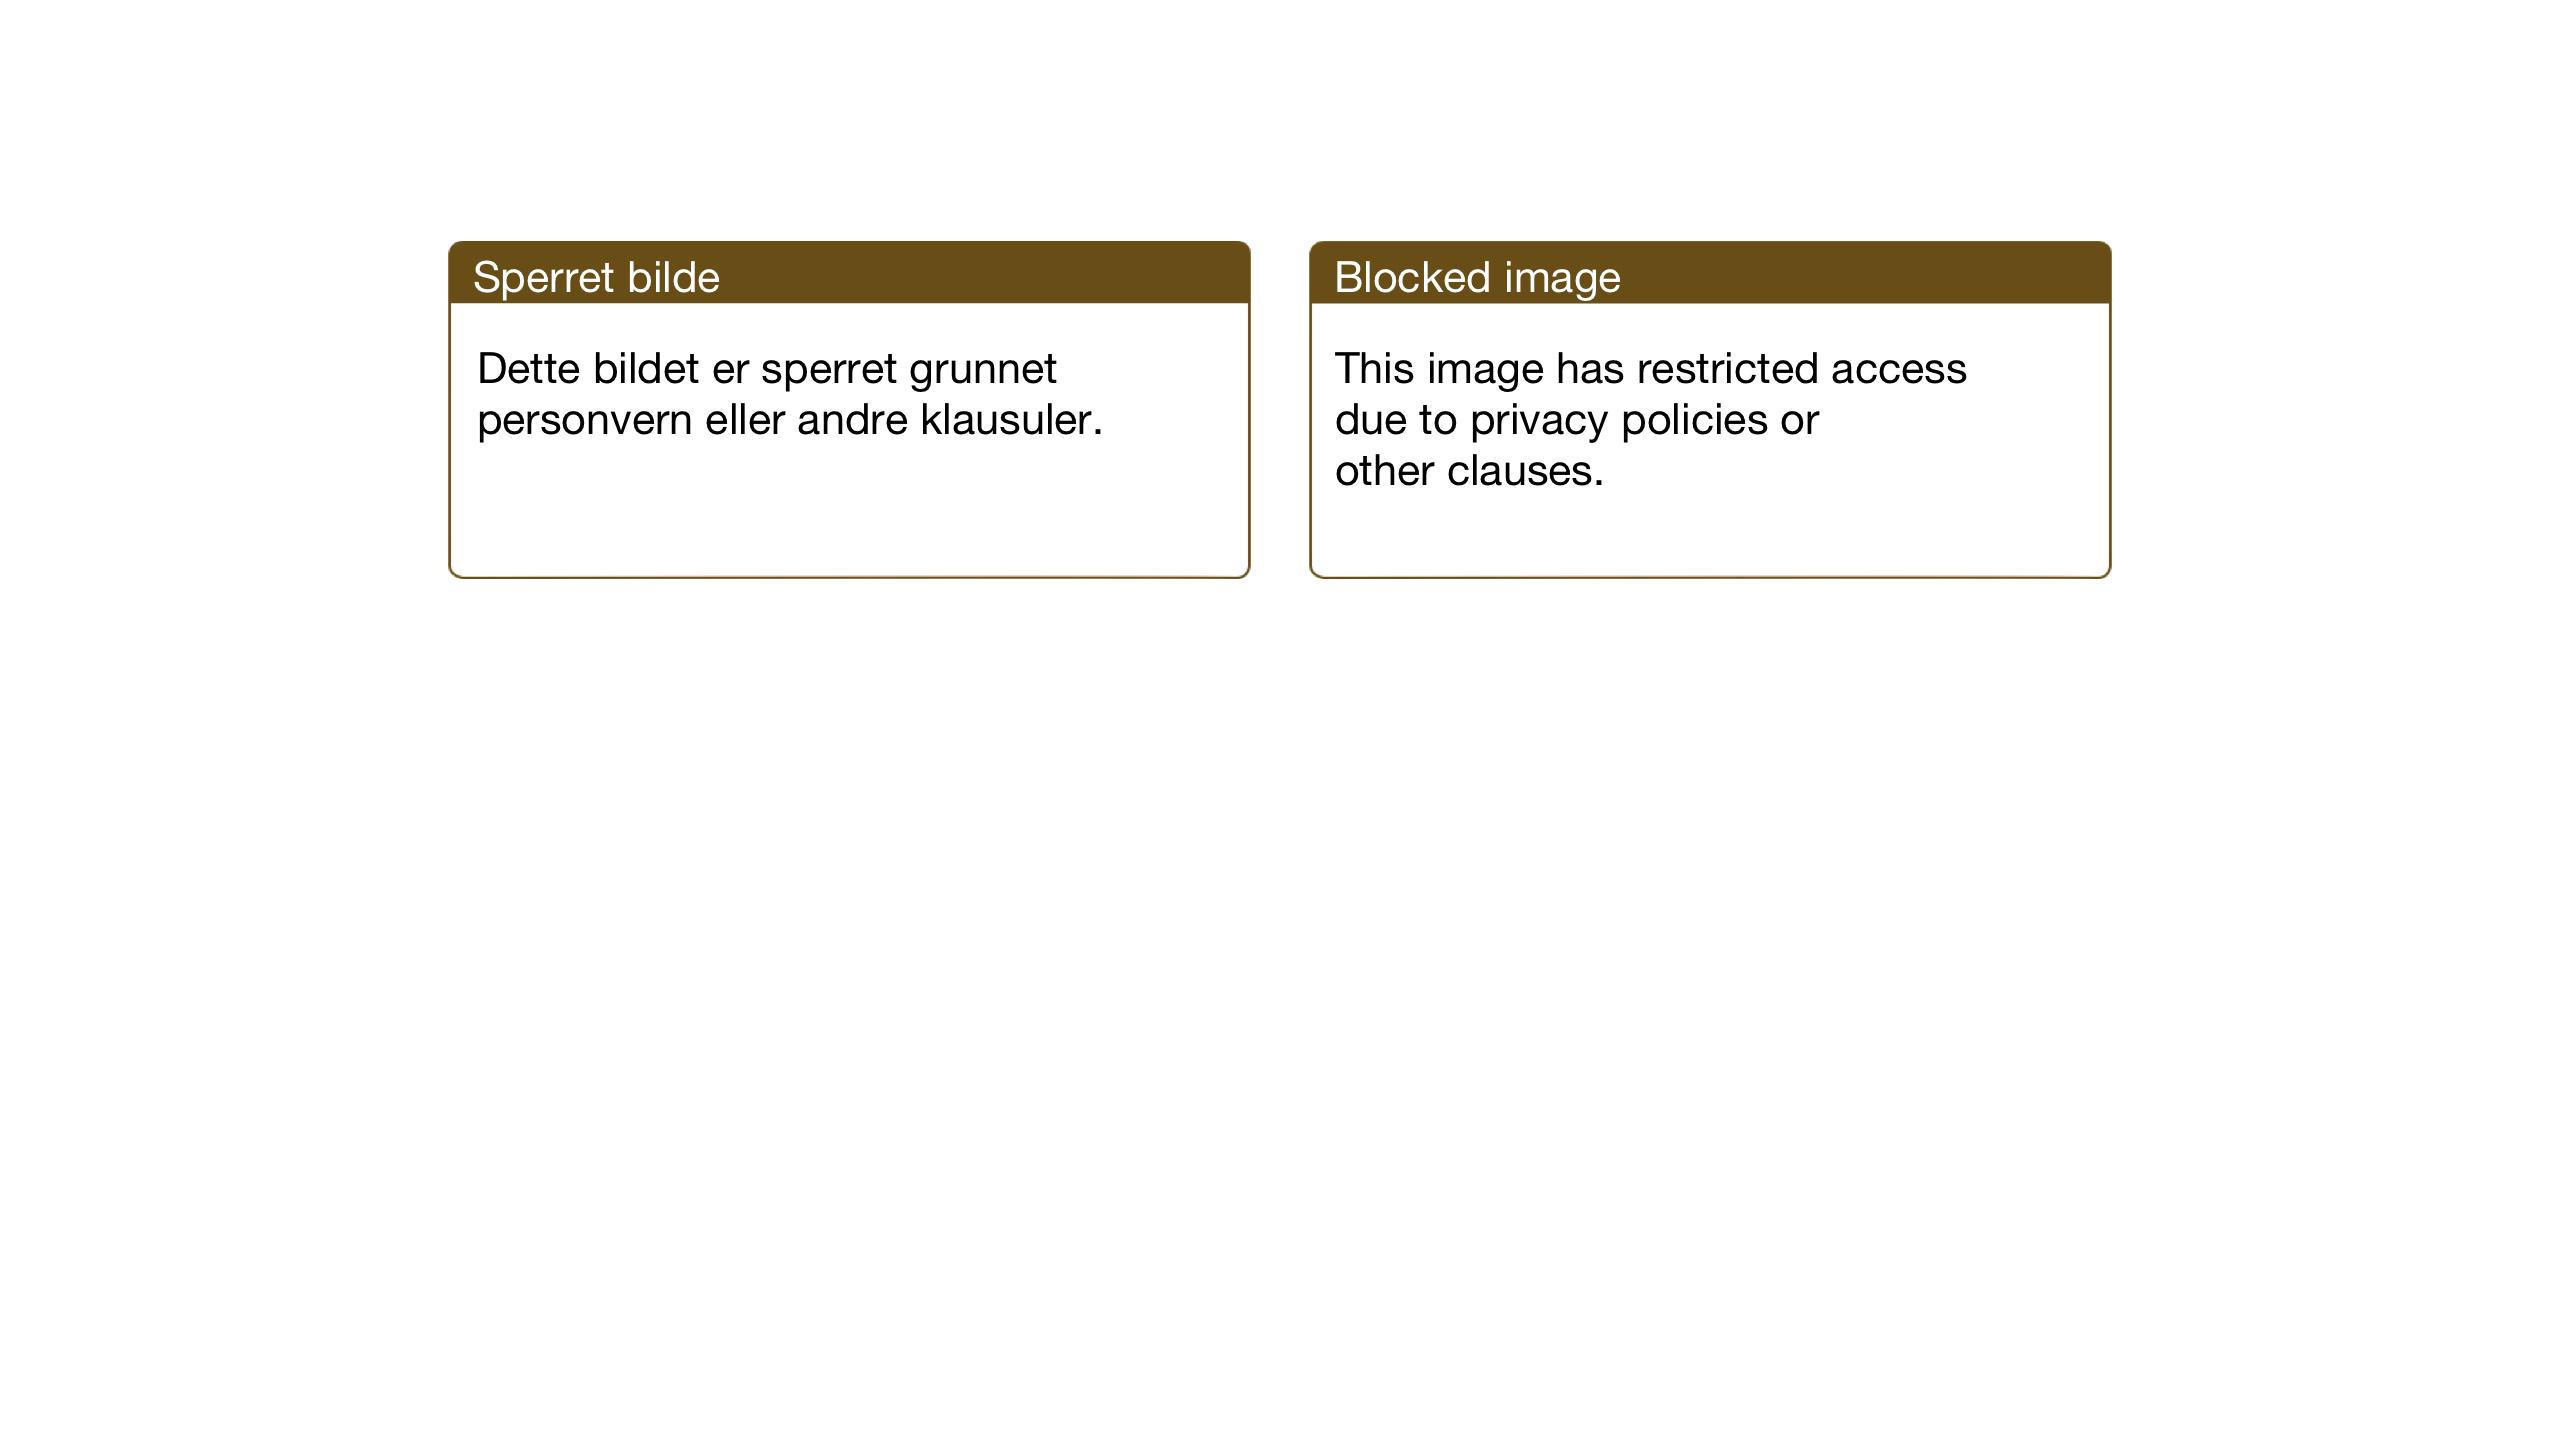 SAT, Ministerialprotokoller, klokkerbøker og fødselsregistre - Nord-Trøndelag, 733/L0328: Klokkerbok nr. 733C03, 1919-1966, s. 53